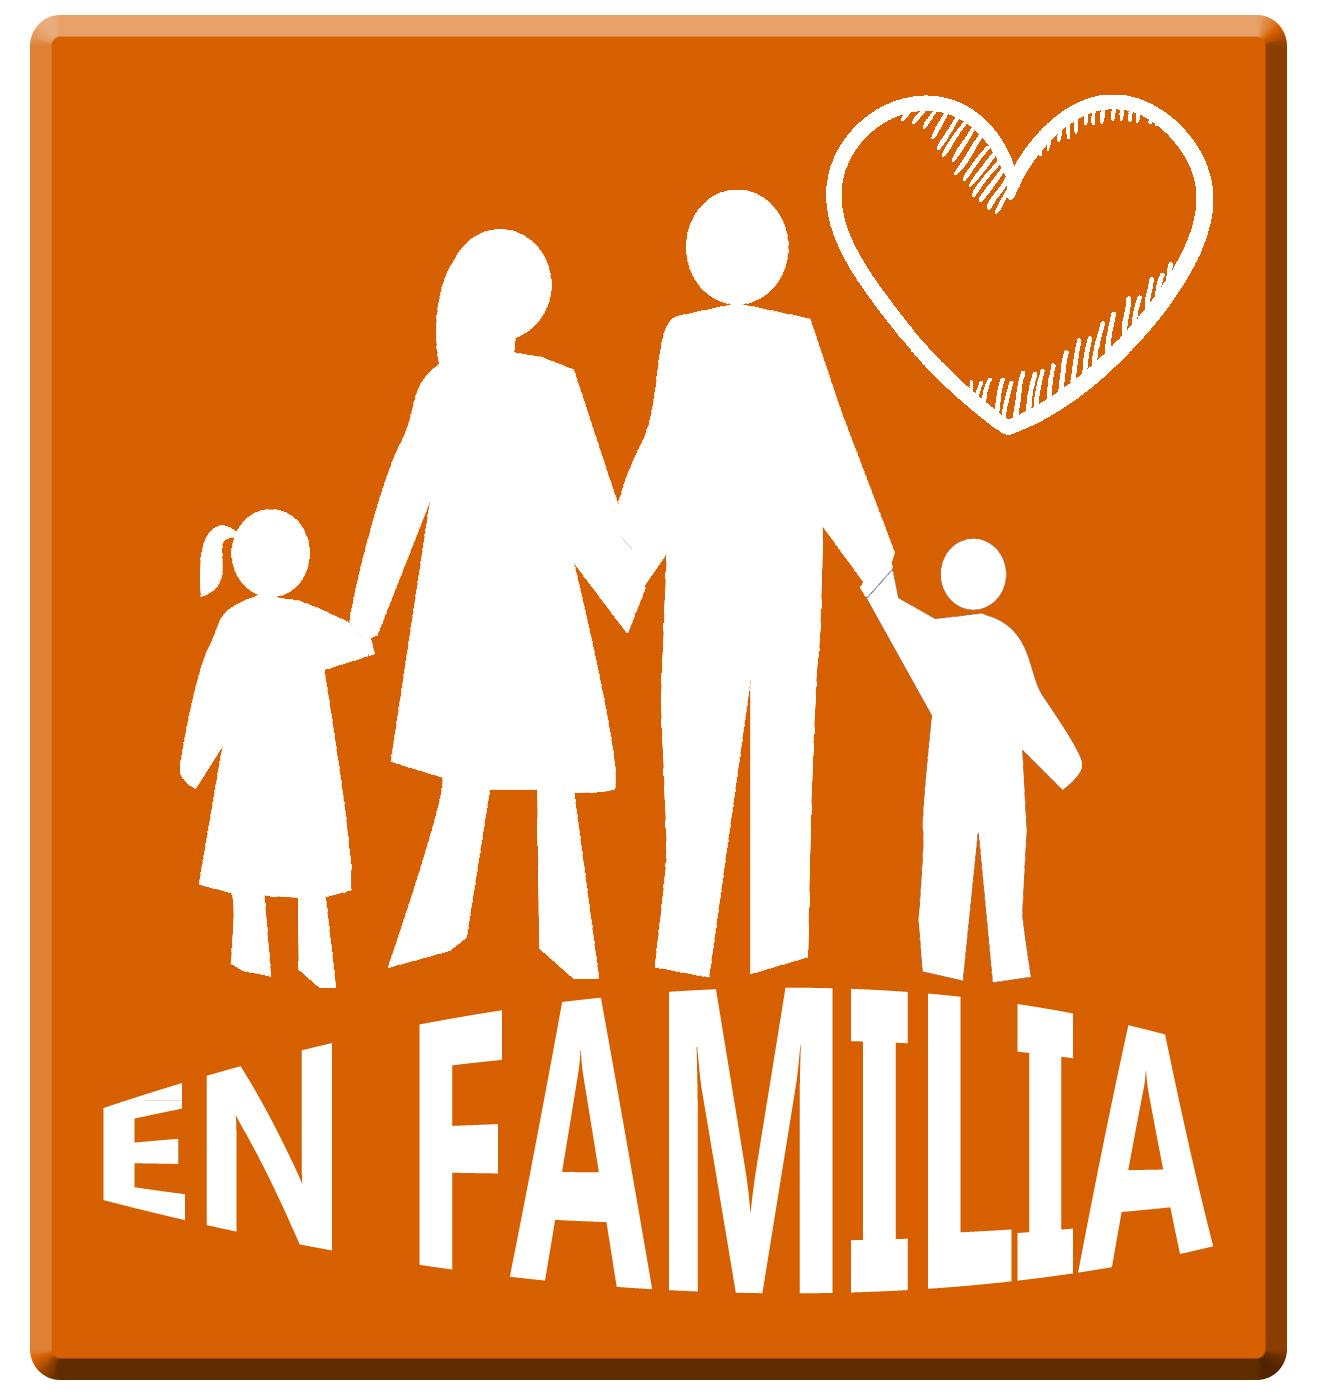 Asociación EN FAMILIA